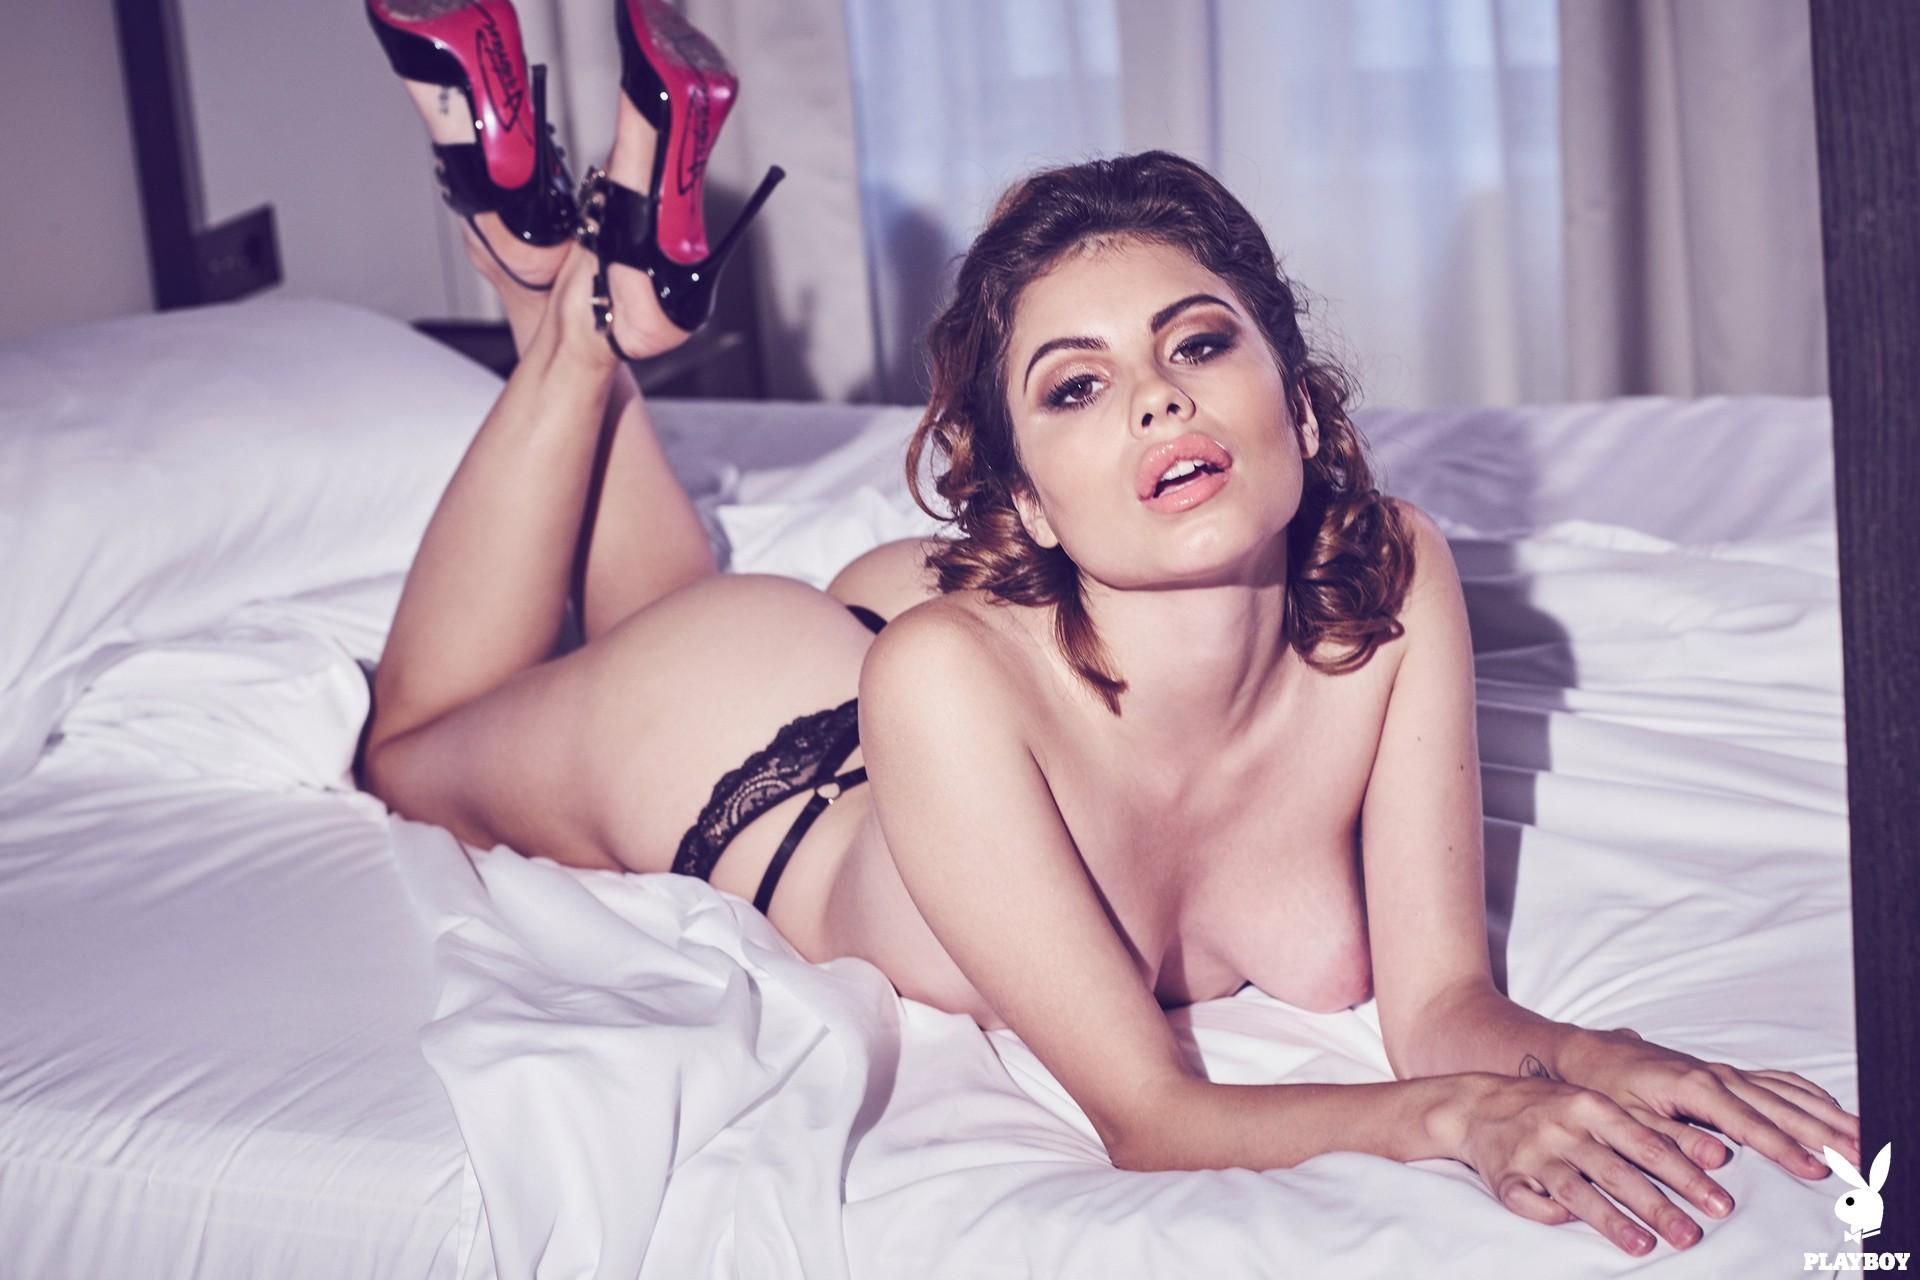 Chiara Arrighi in Playboy Germany Vol. 3 - Playboy Plus 1